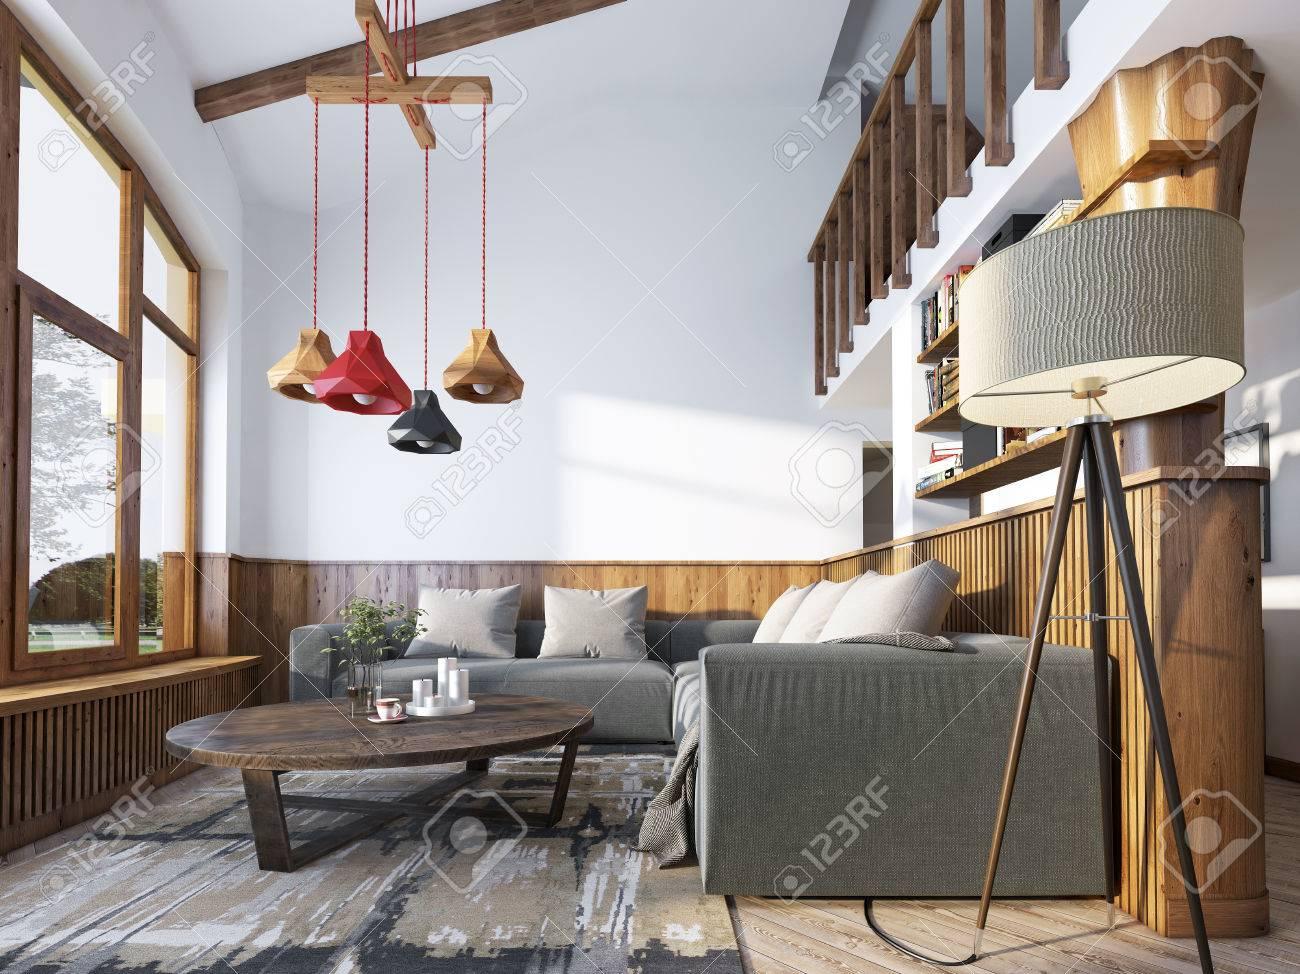 banque dimages salon moderne dans un style loft salon avec canap d angle et le mur avec boiseries et de grandes fentres le lustre dorigine avec des